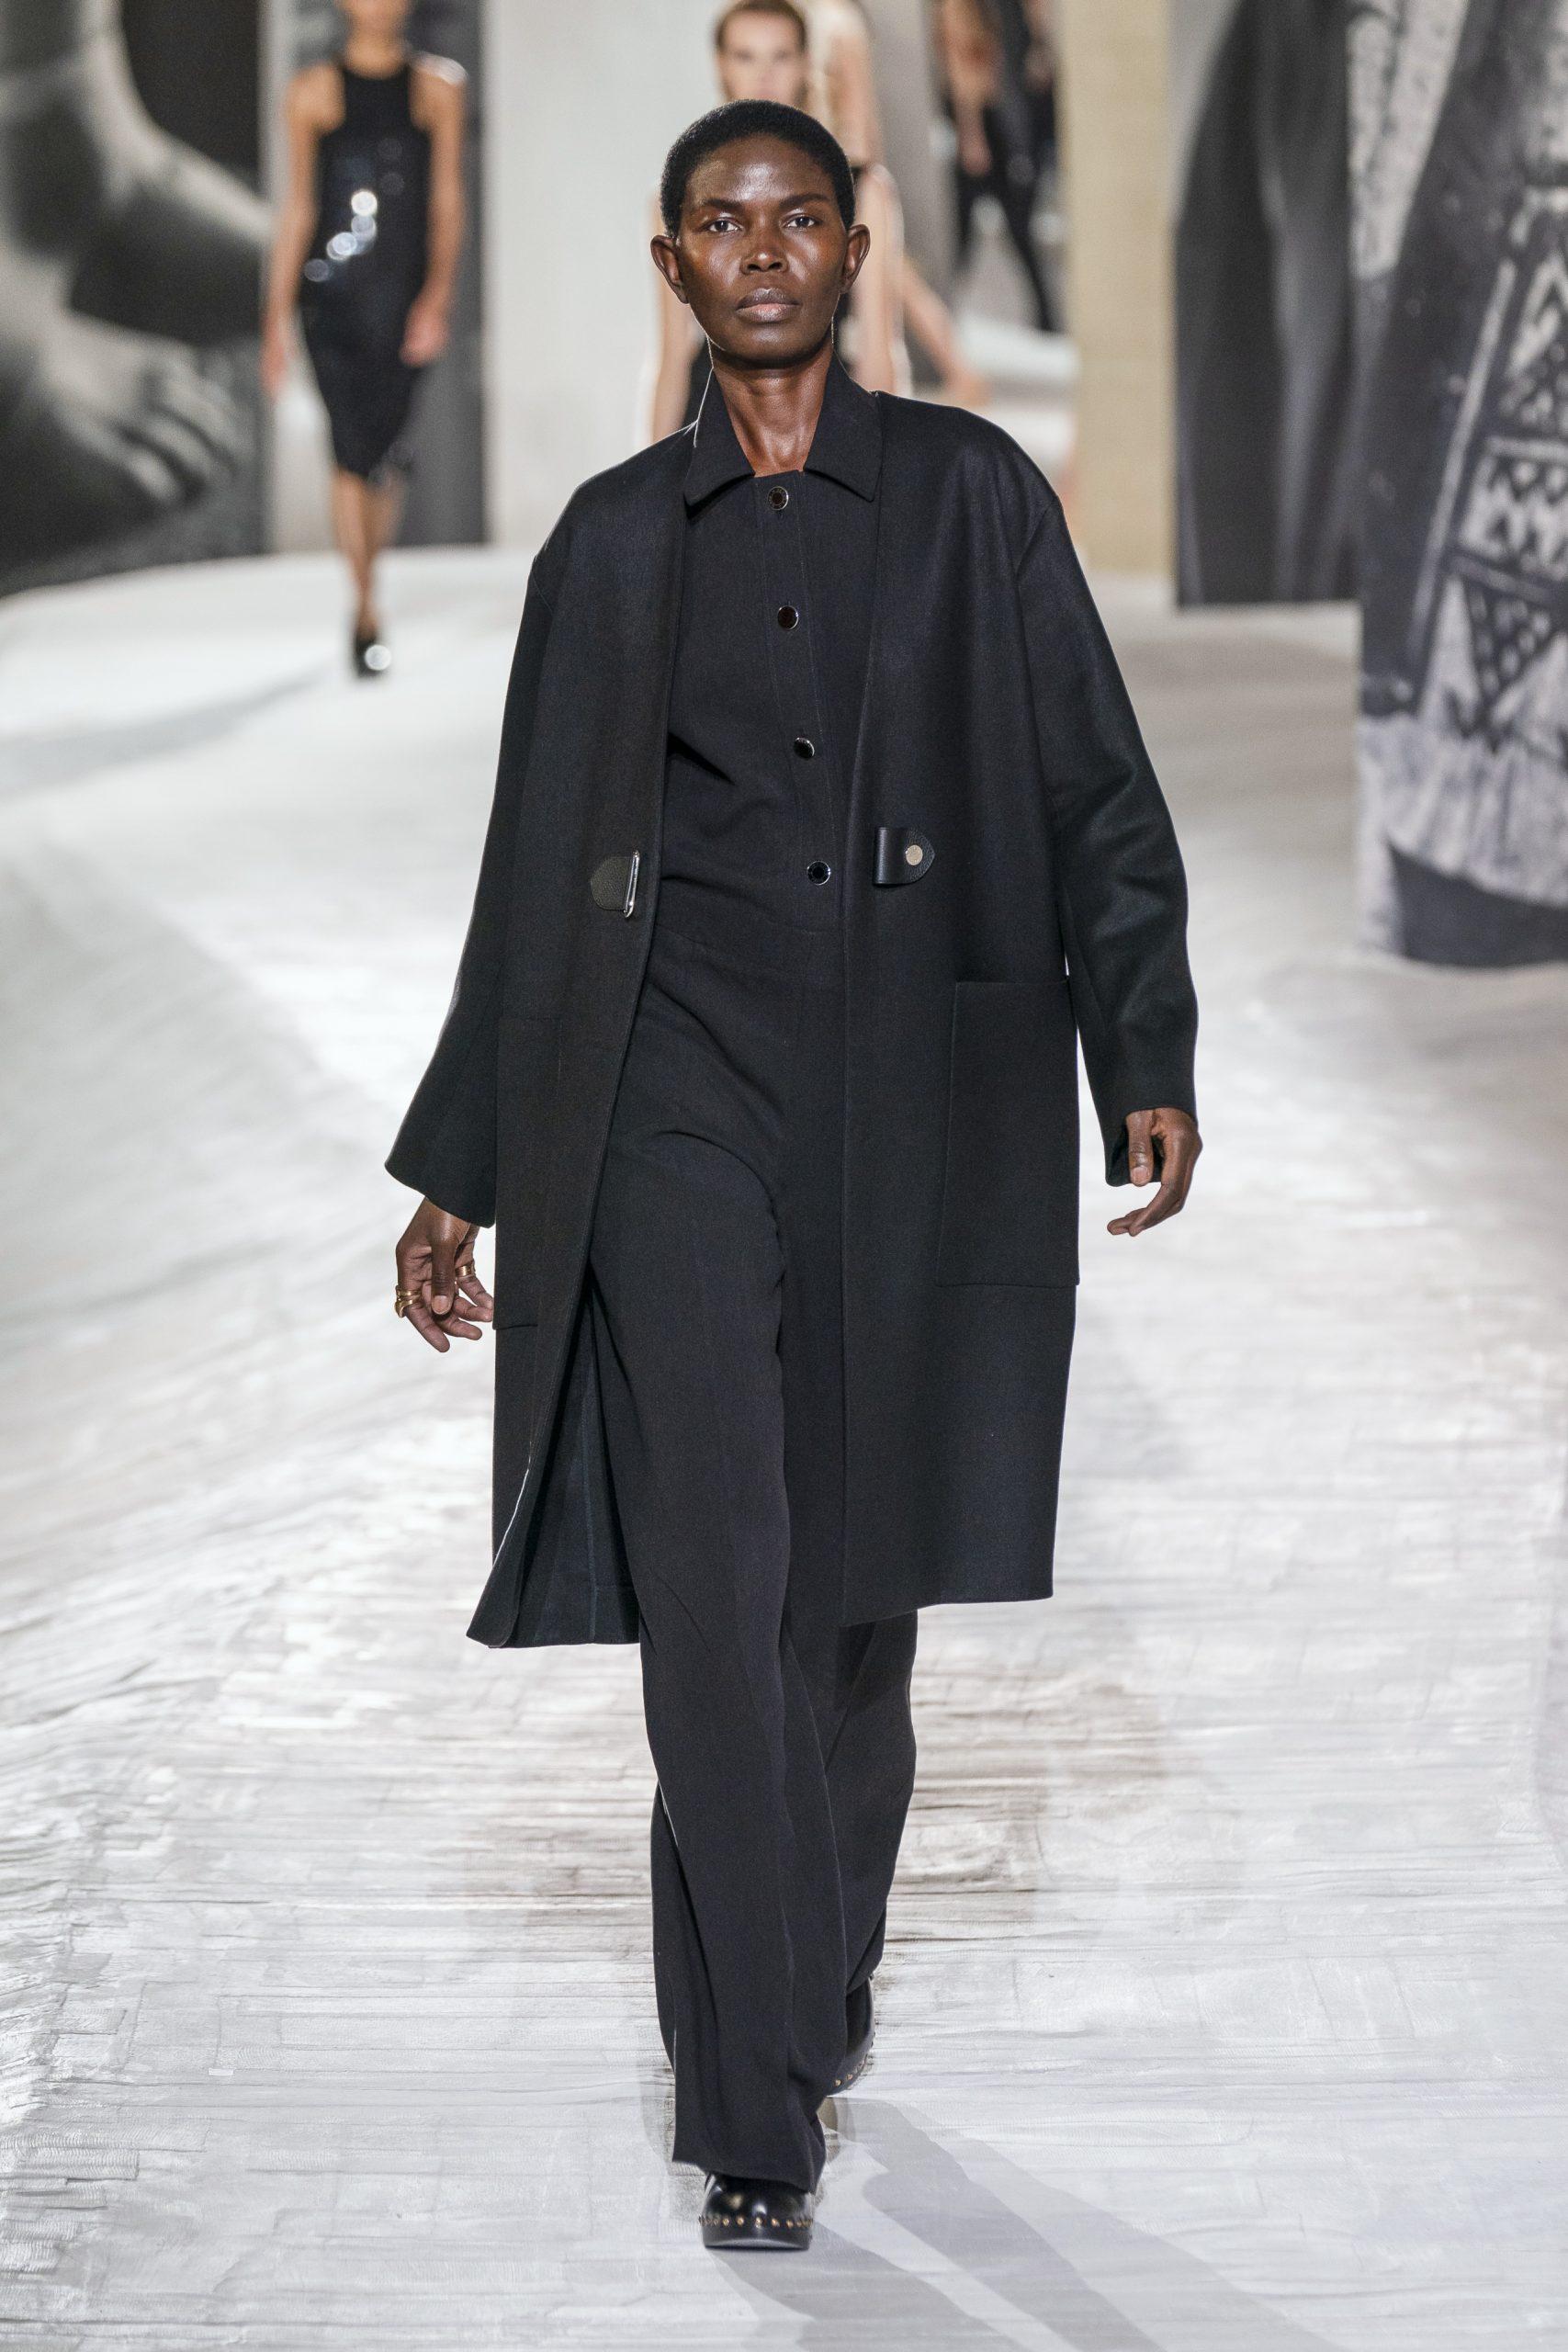 19. kép: Párizsi divathét - Hermès - 2021 tavasz-nyár - ready to wear